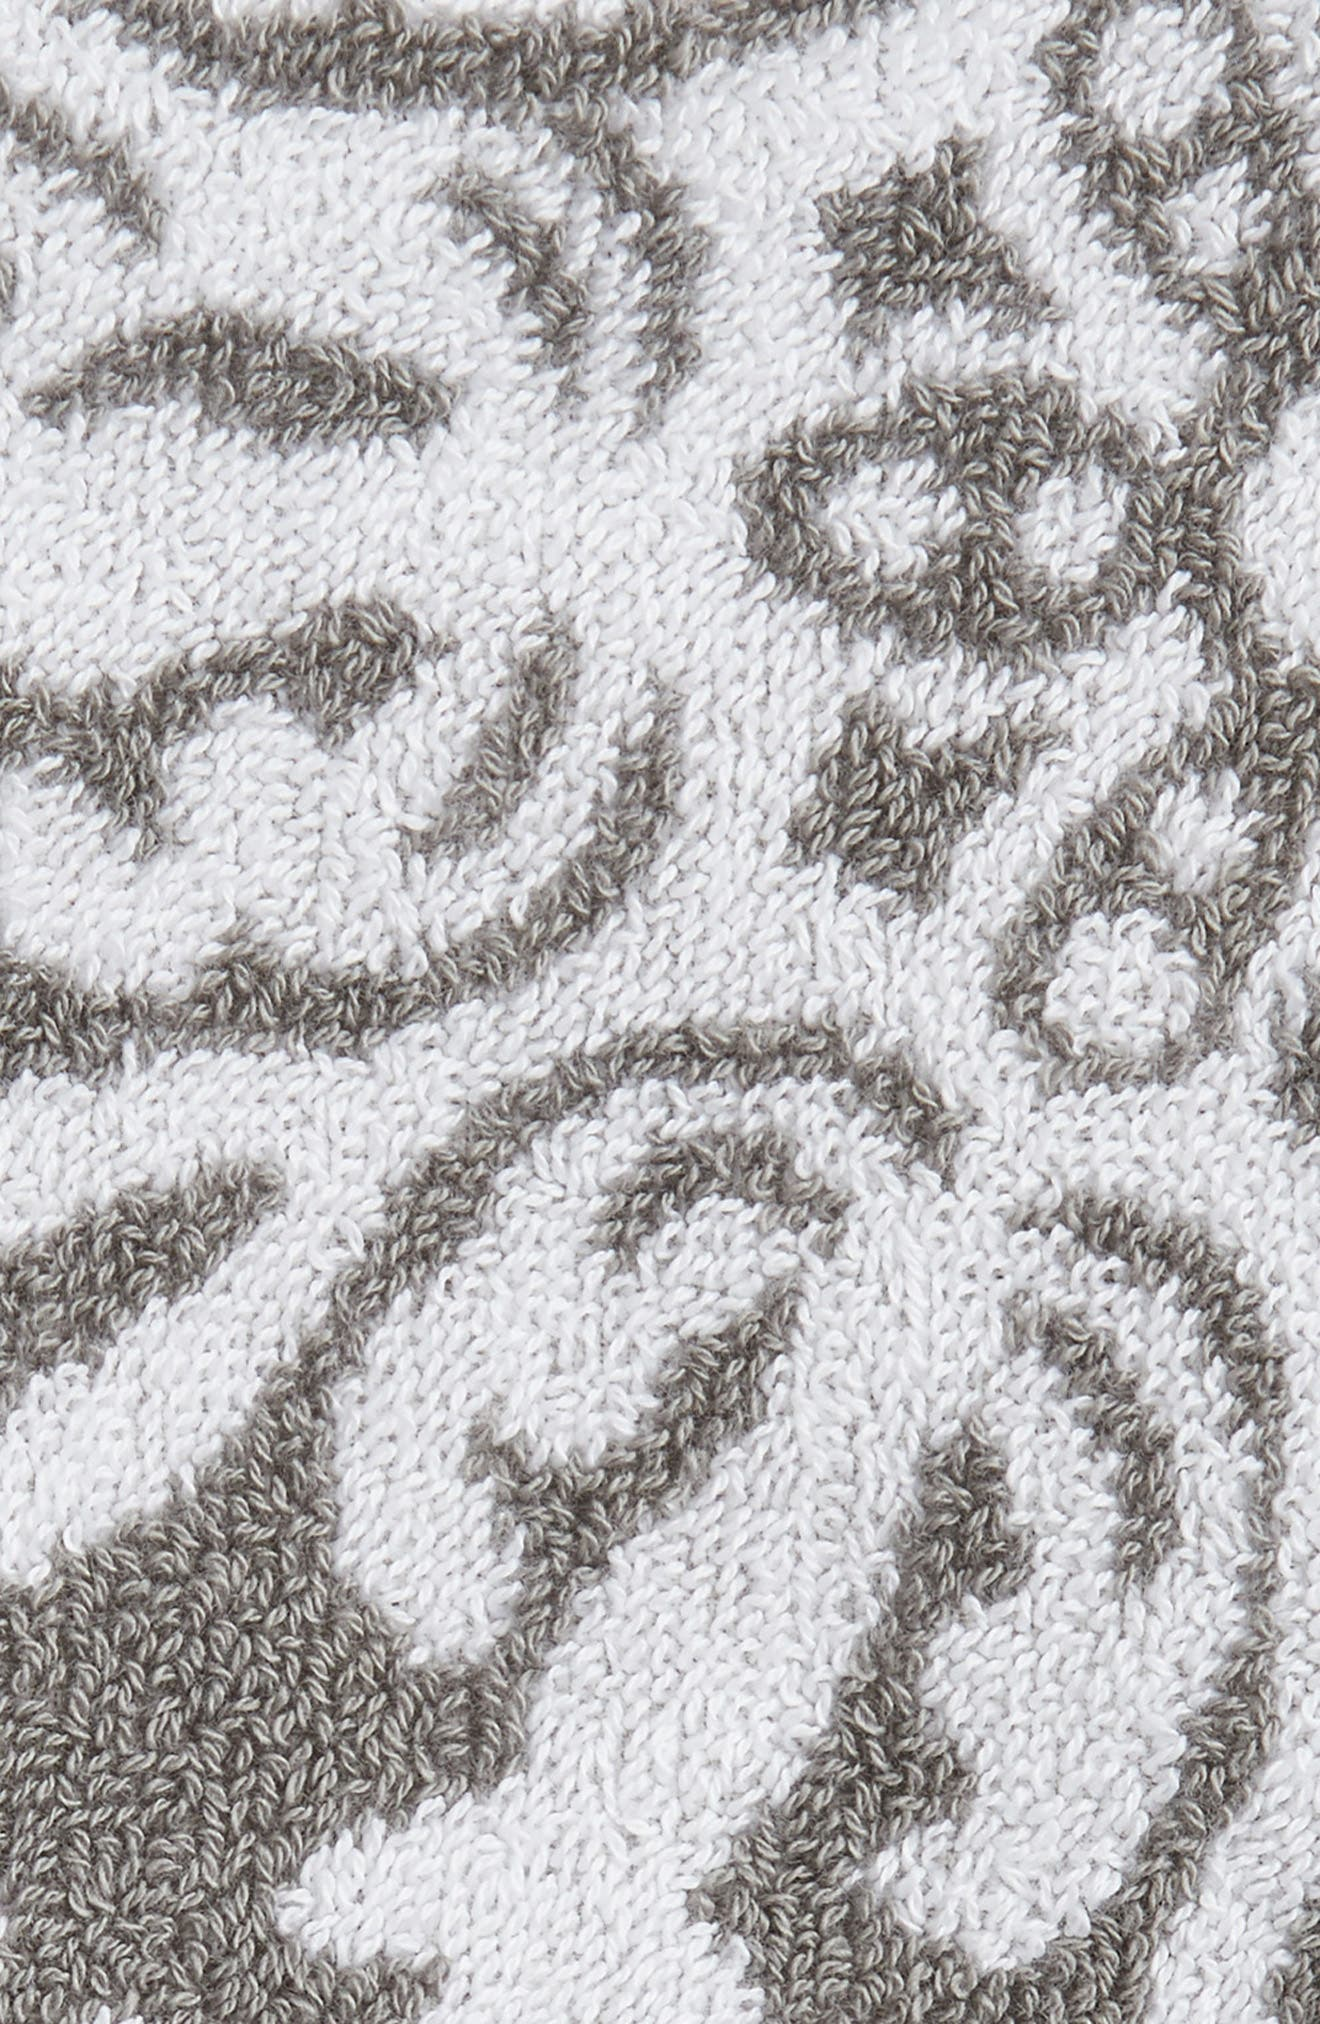 Fan Ombré Washcloth,                             Alternate thumbnail 3, color,                             021